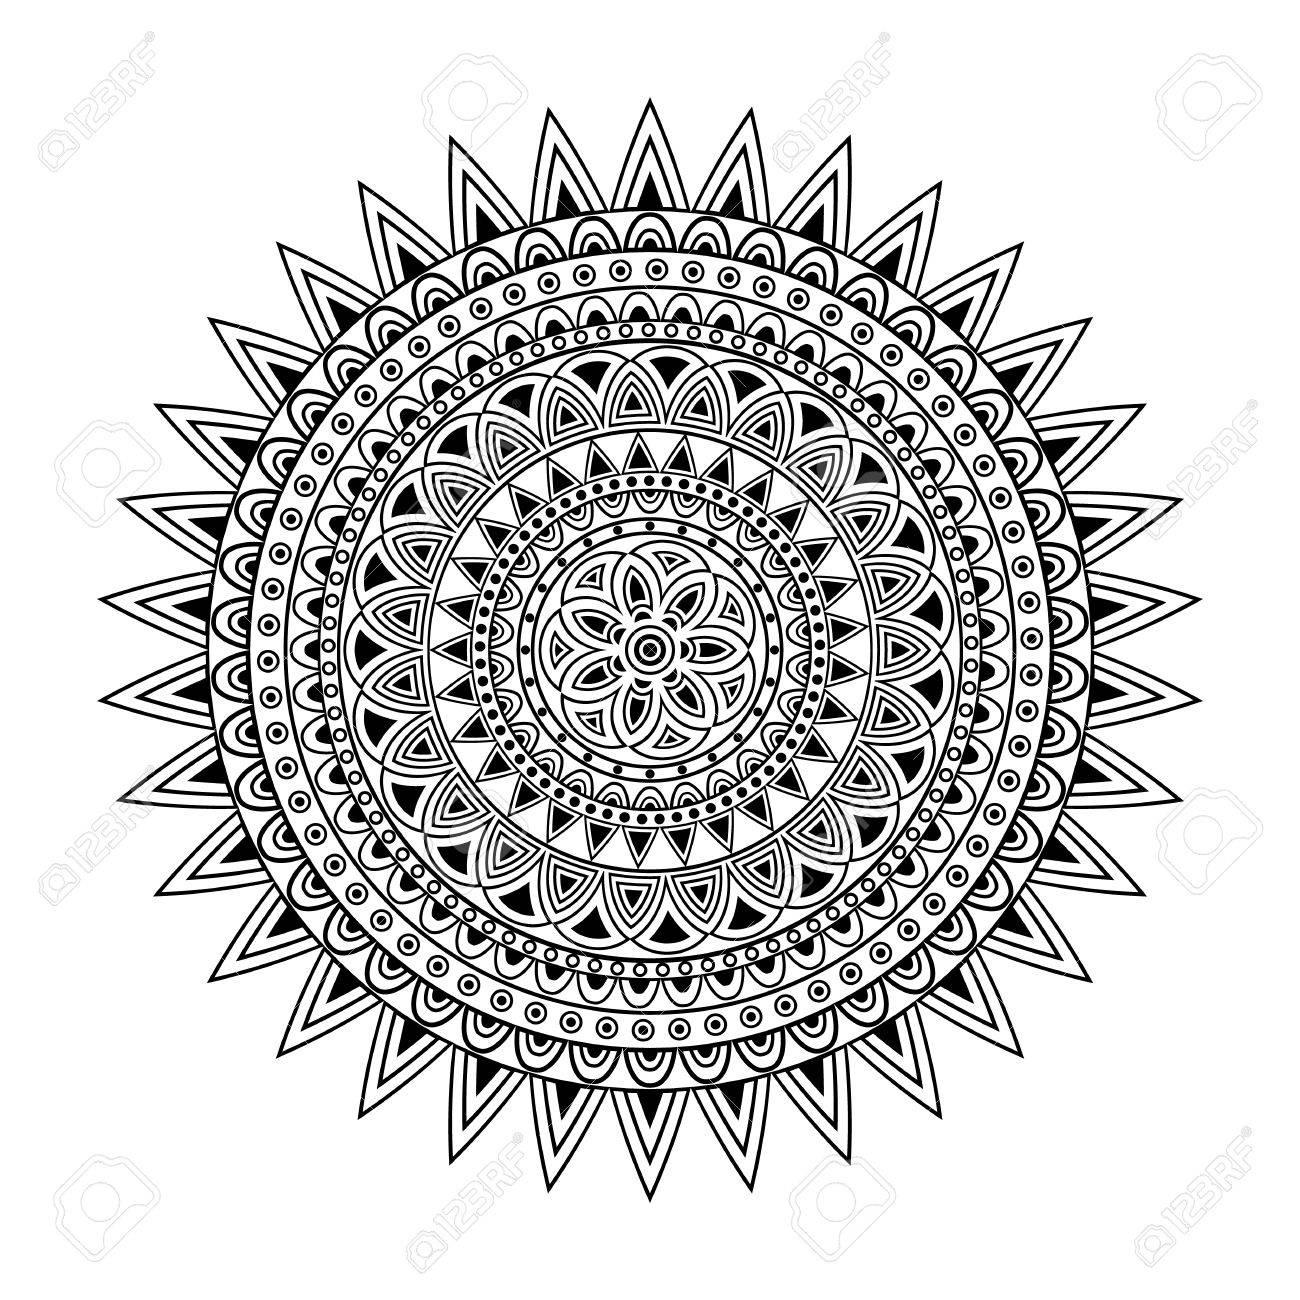 Modele Mandala Impression En Noir Et Blanc Adulte Page De Livre De Coloriage Abstract Pattern Clip Art Libres De Droits Vecteurs Et Illustration Image 60503945